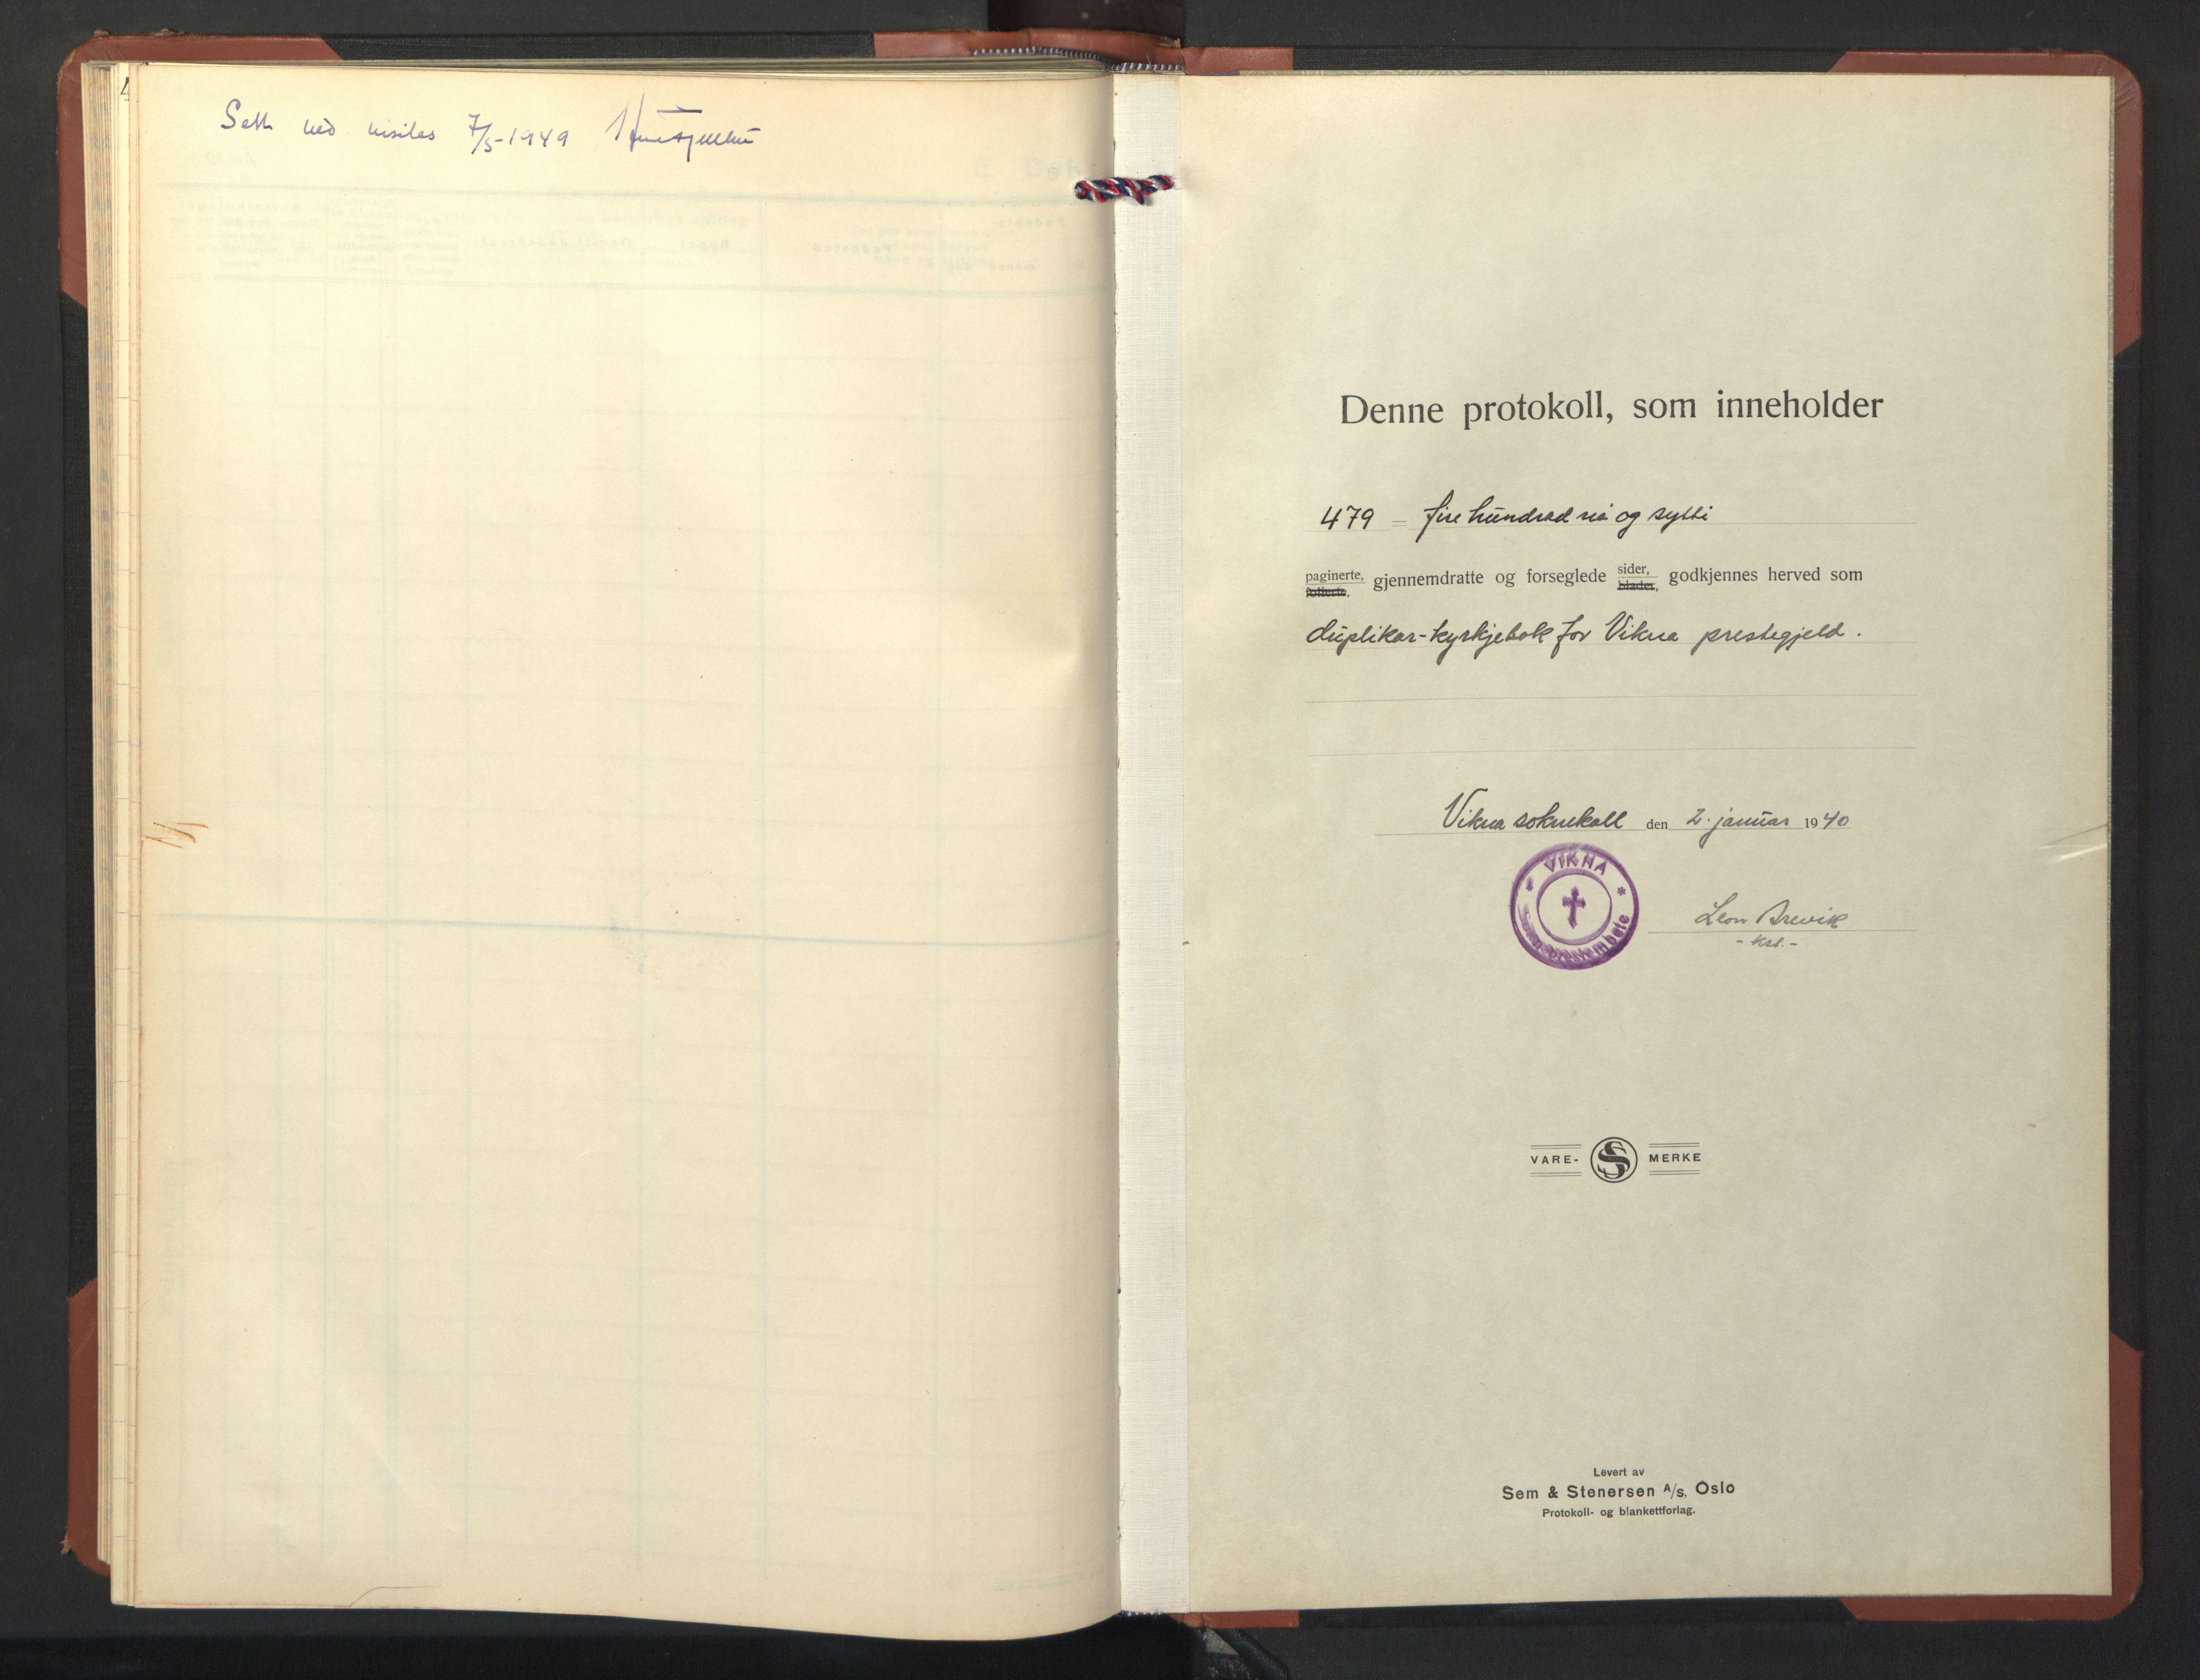 SAT, Ministerialprotokoller, klokkerbøker og fødselsregistre - Nord-Trøndelag, 786/L0689: Klokkerbok nr. 786C01, 1940-1948